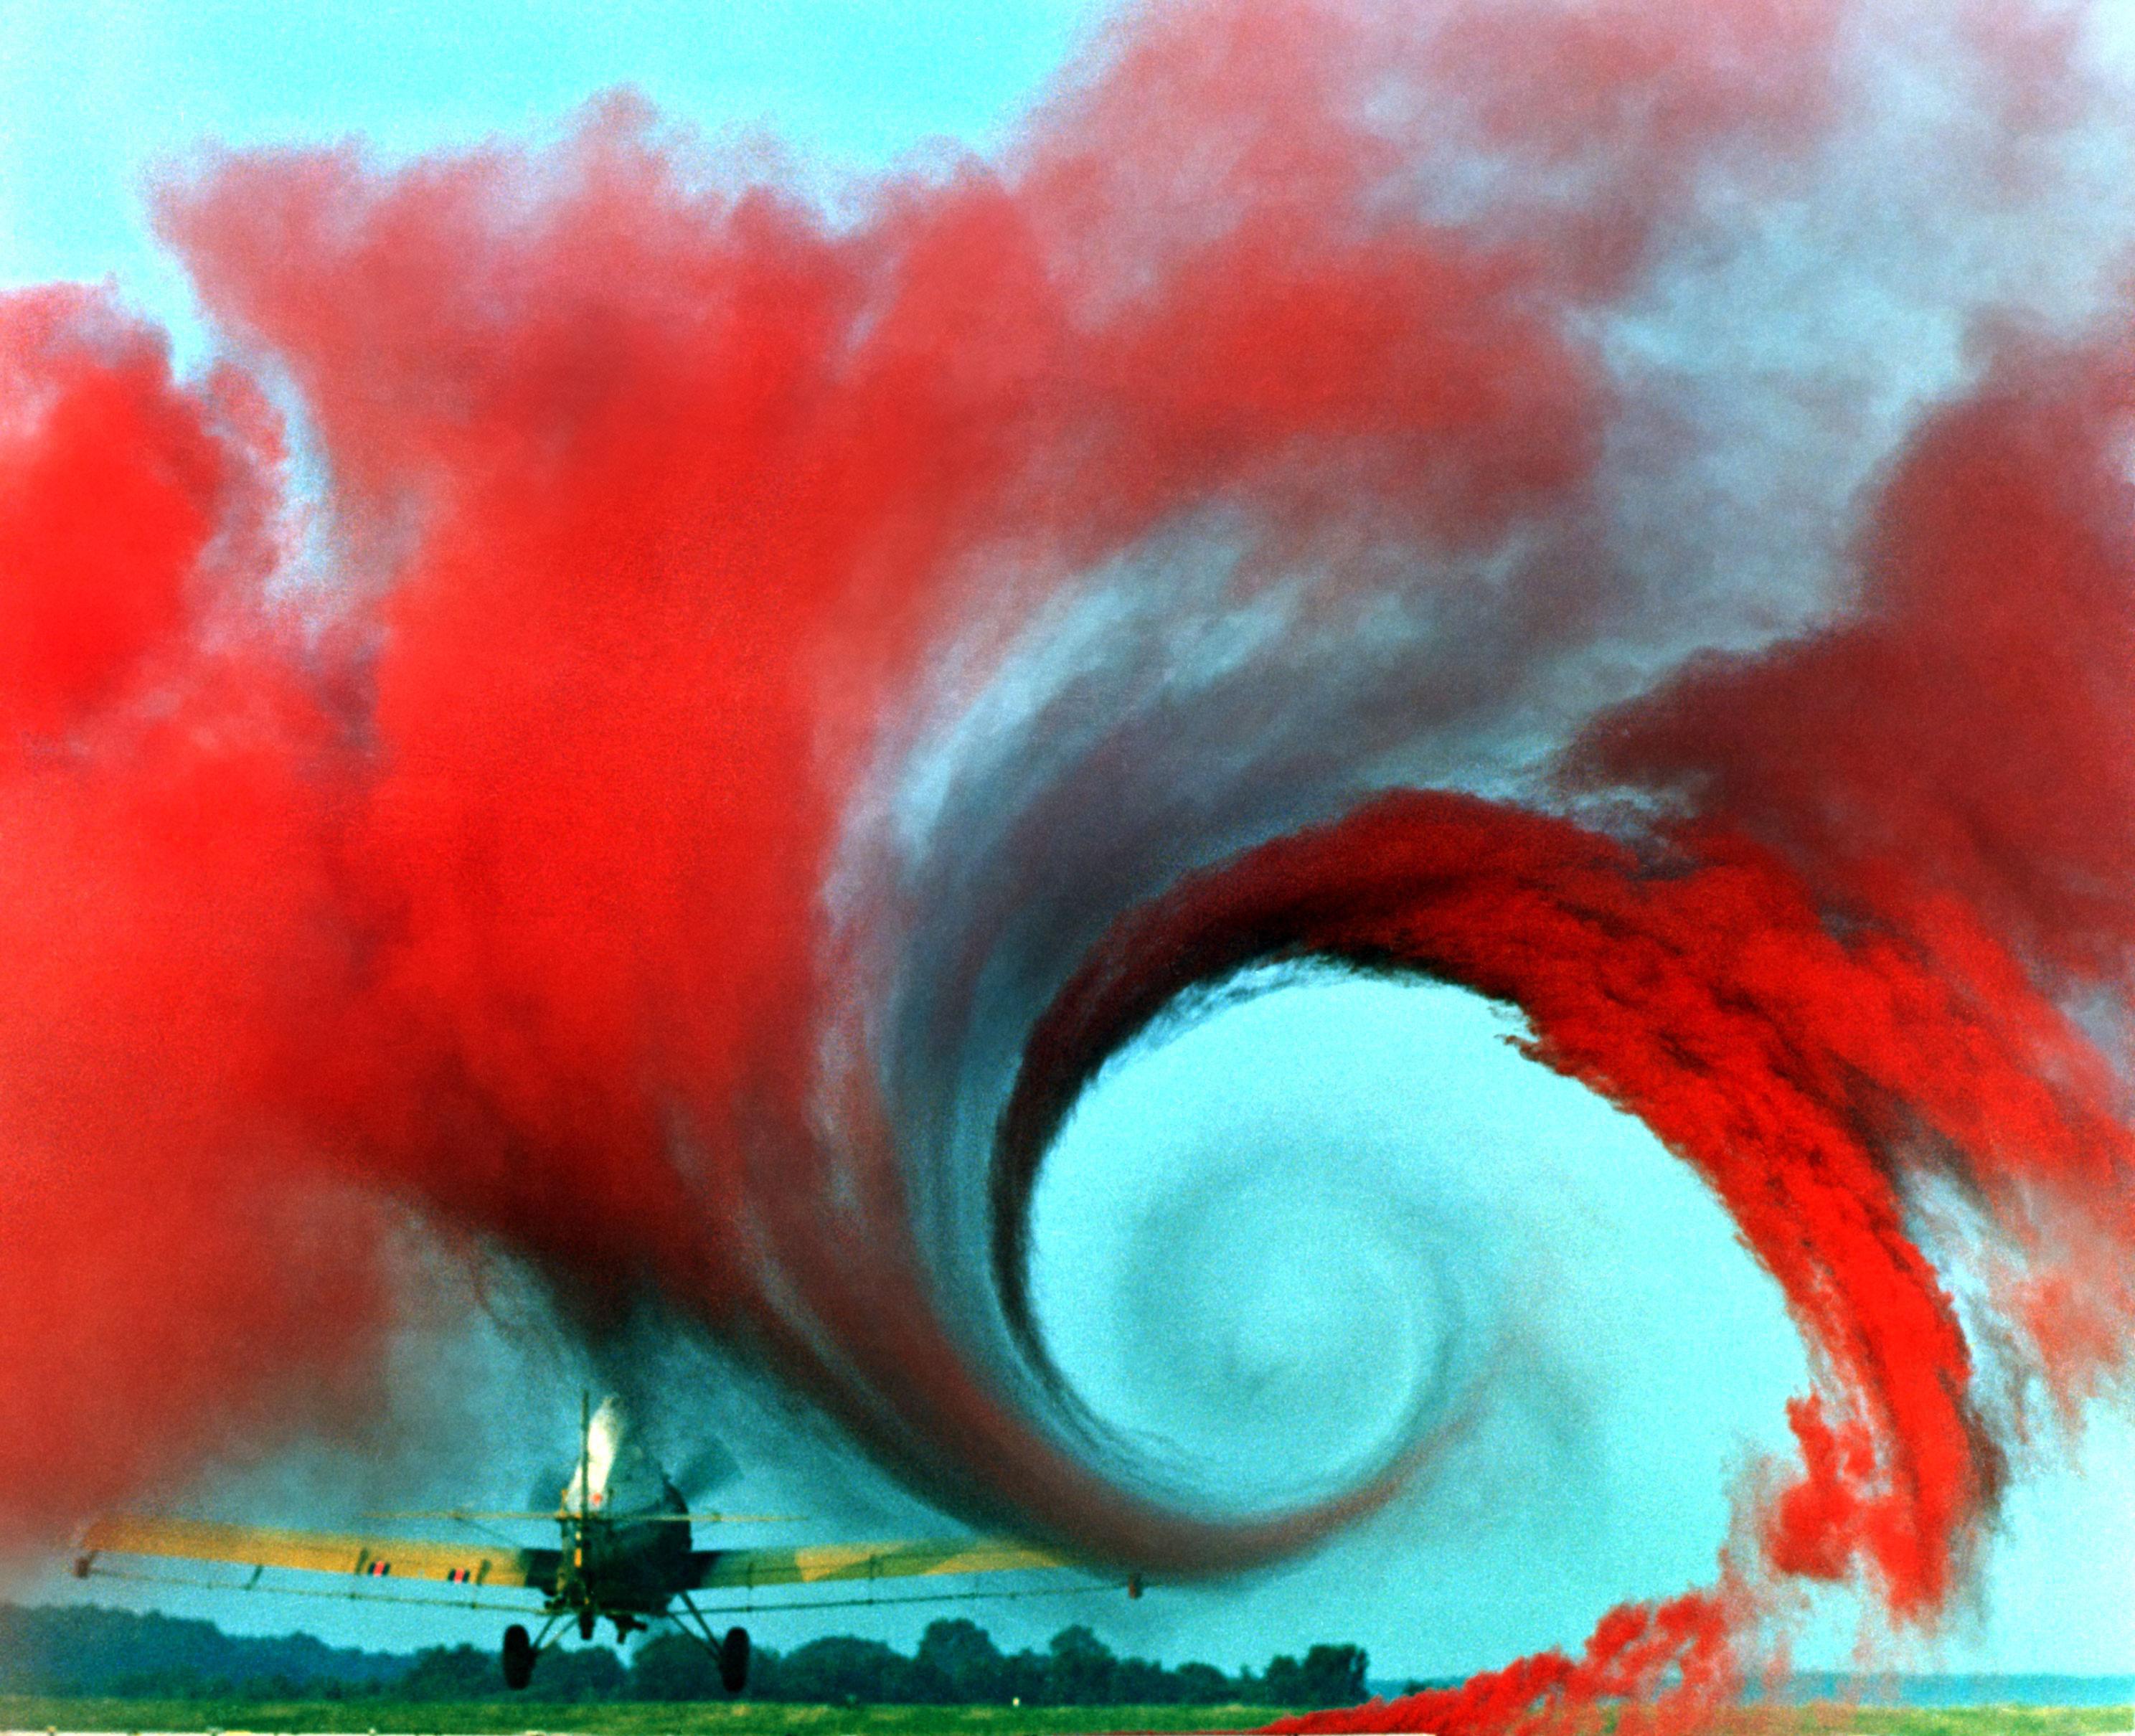 vortice-aeroplano-aire-presion